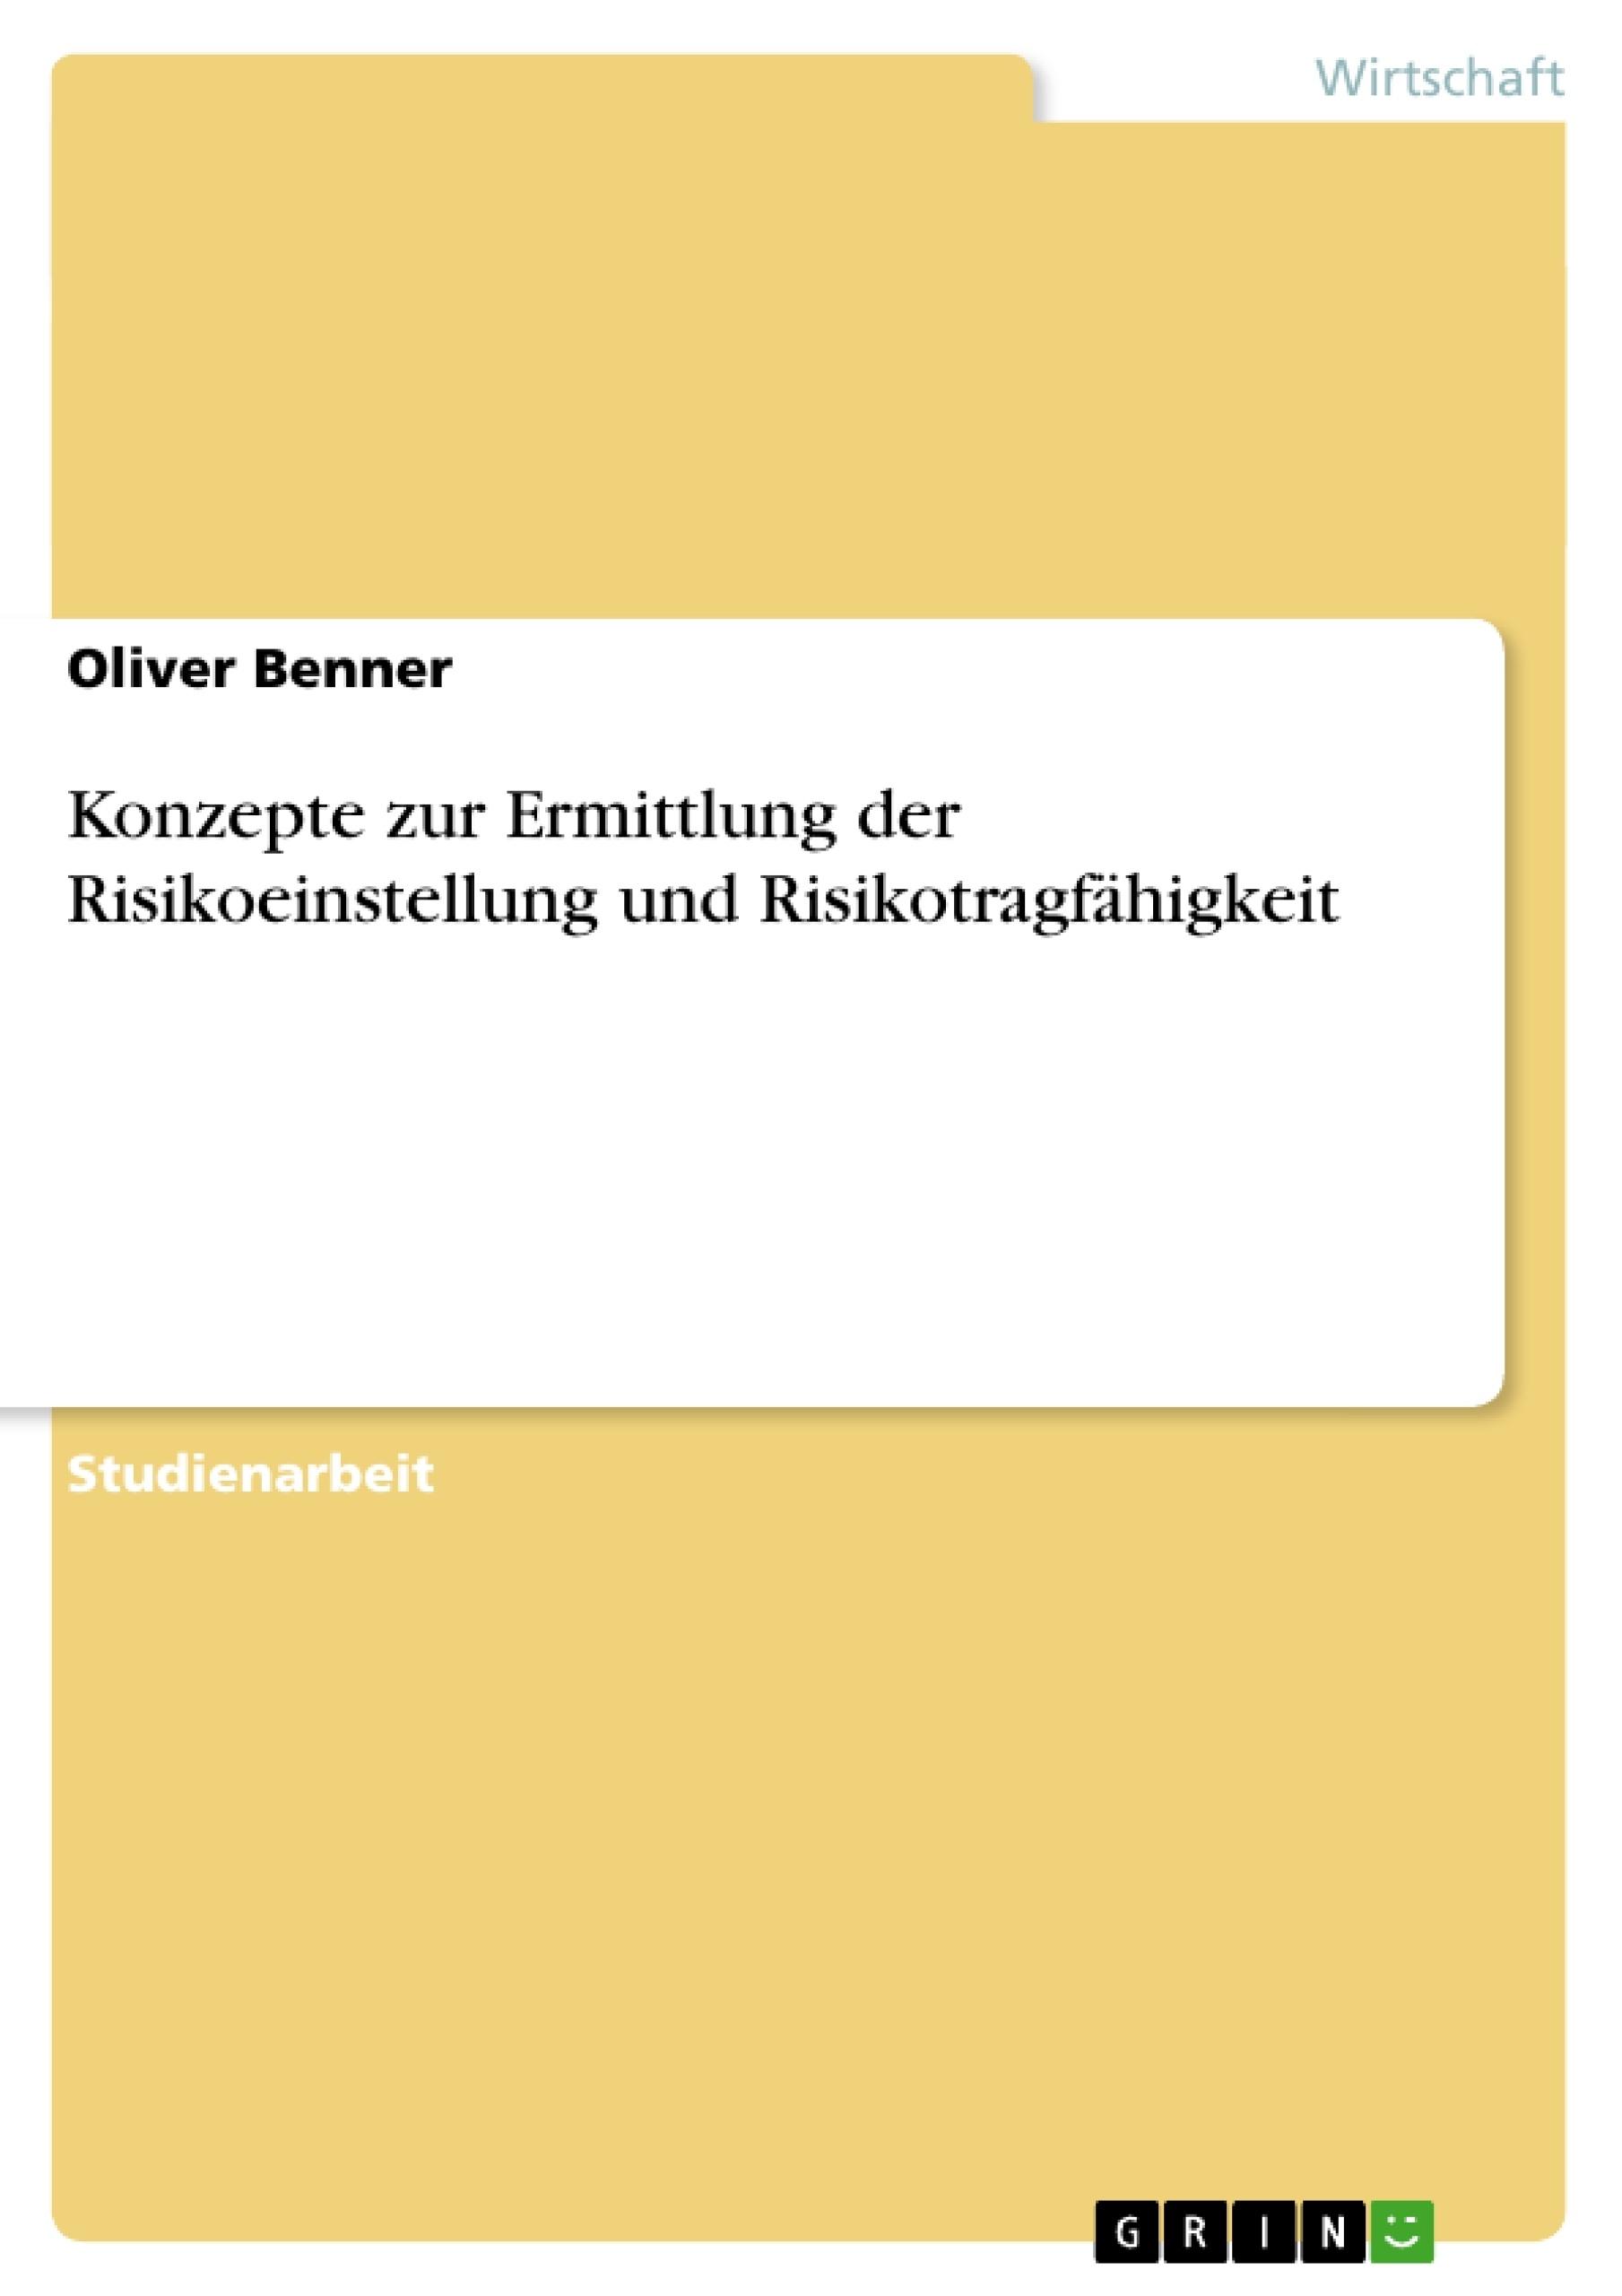 Titel: Konzepte zur Ermittlung der Risikoeinstellung und Risikotragfähigkeit